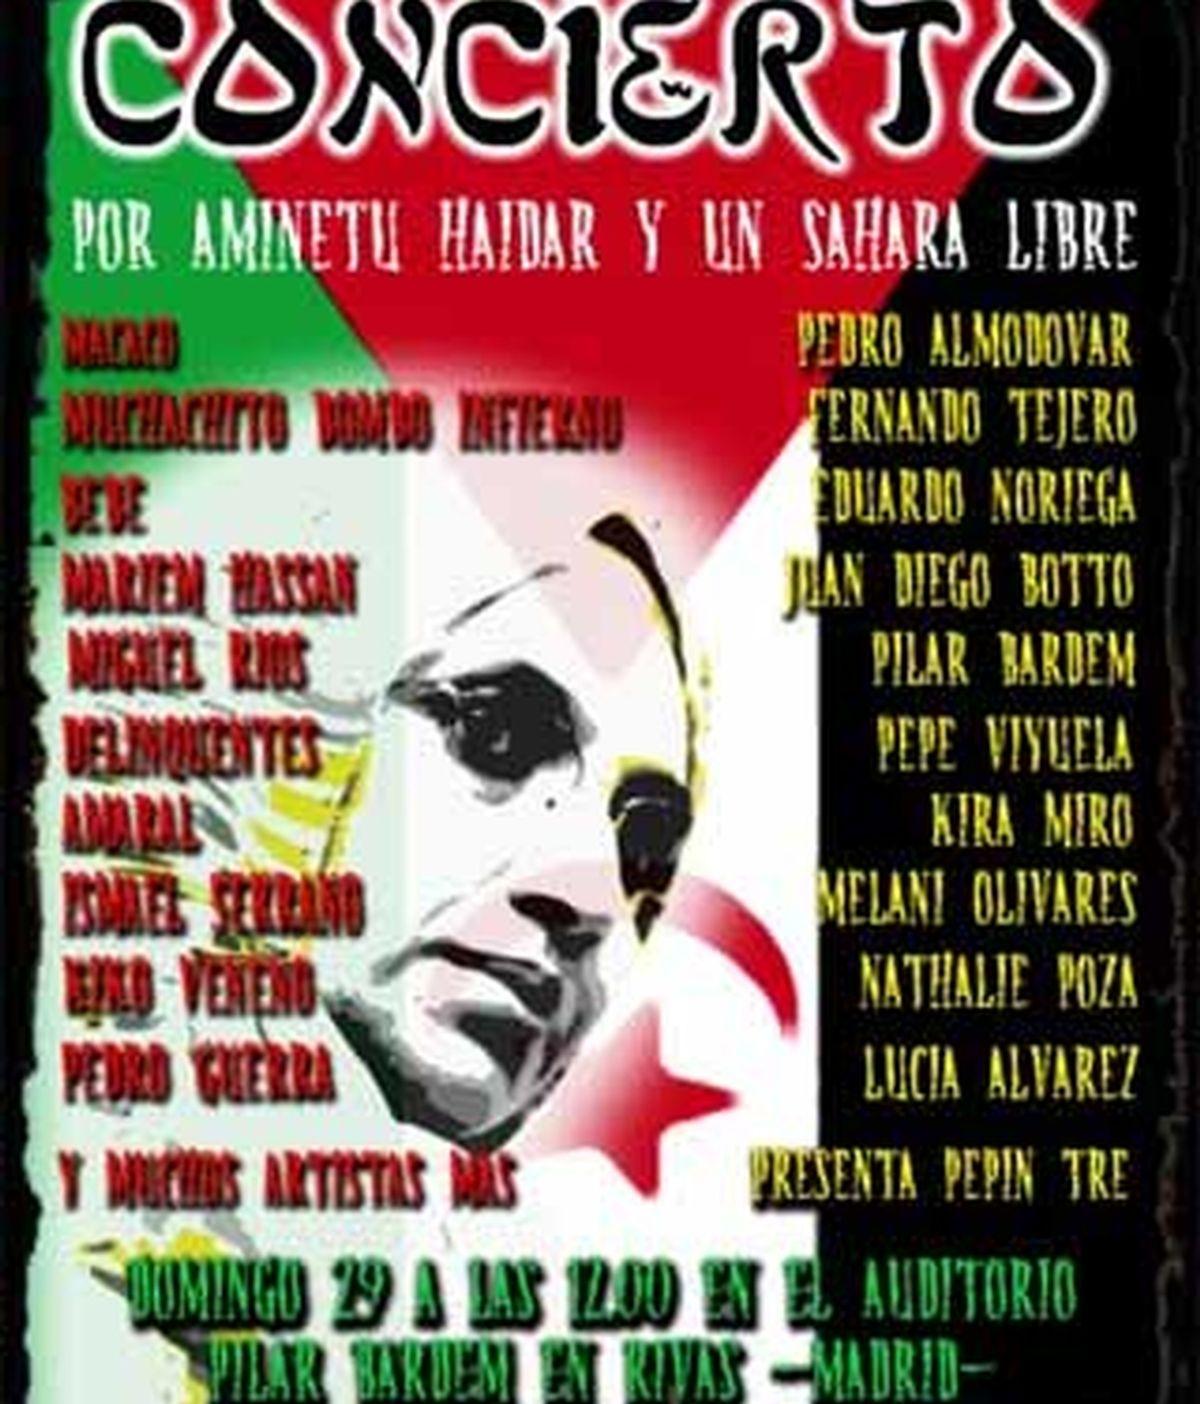 Cartel definitivo del concierto por Aminetu Haidar.